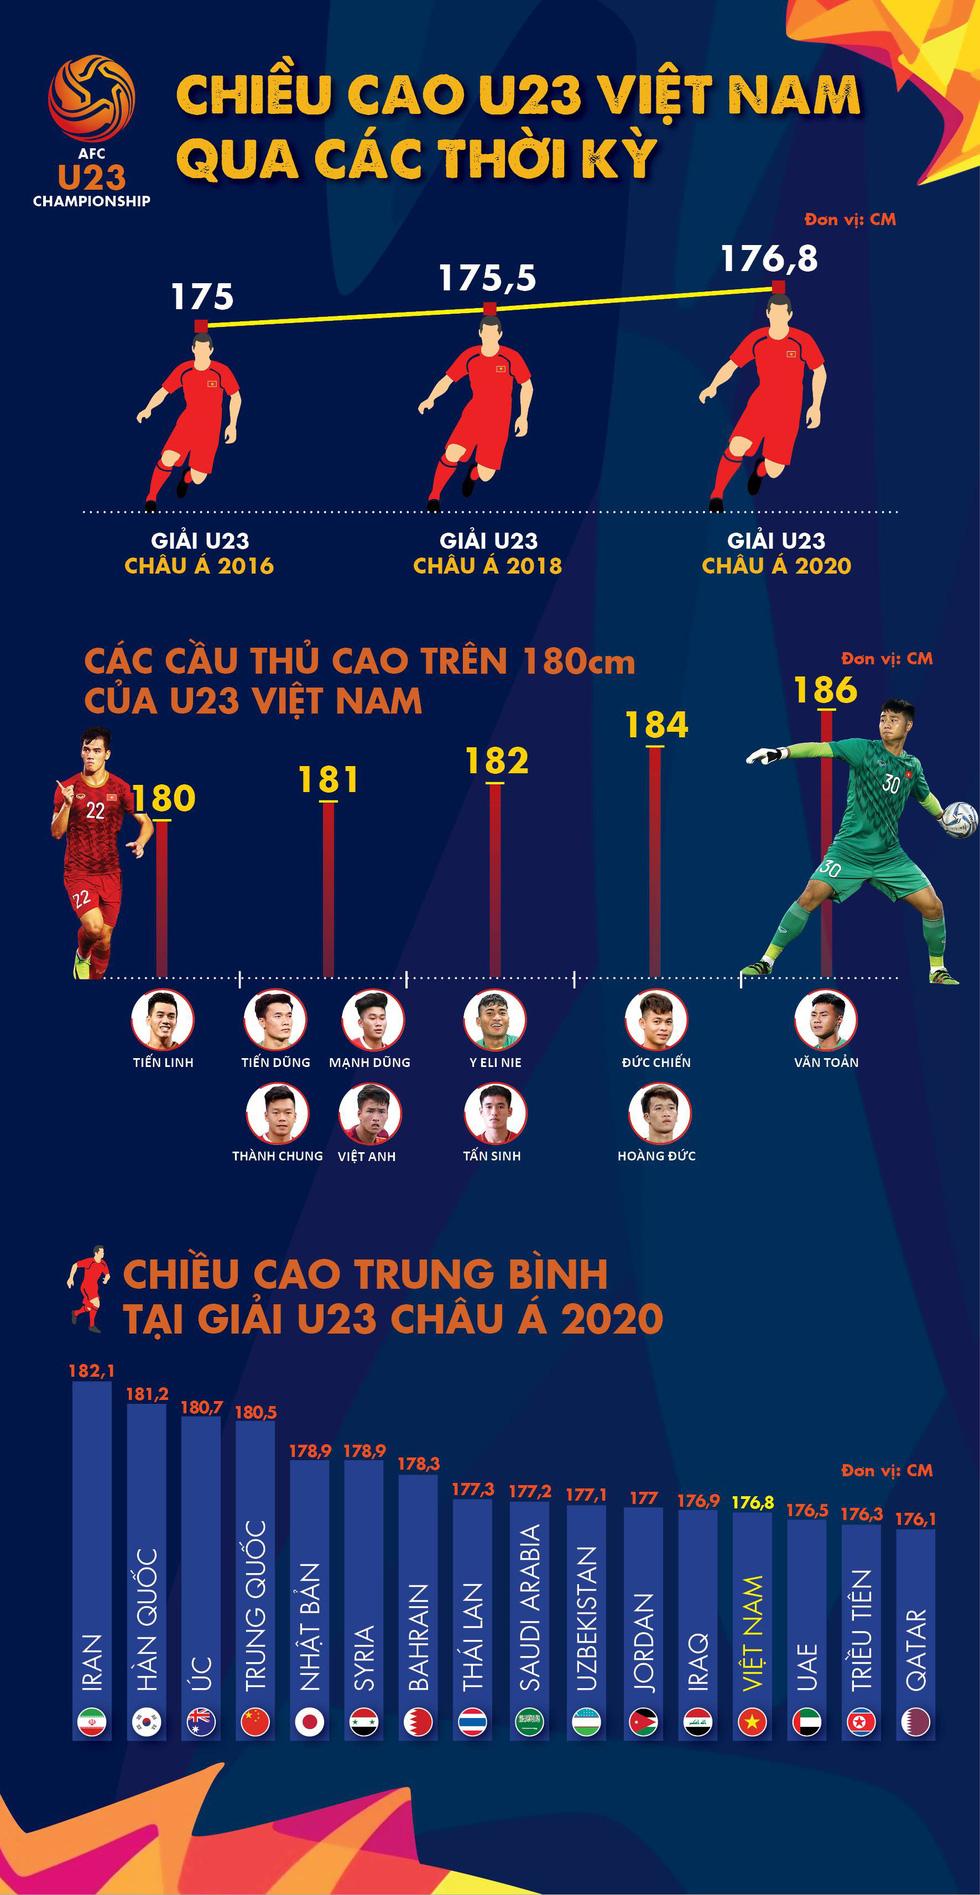 Chùm ảnh dàn cầu thủ cao trên 1m80 của U23 Việt Nam dự Giải U23 châu Á 2020 - Ảnh 11.